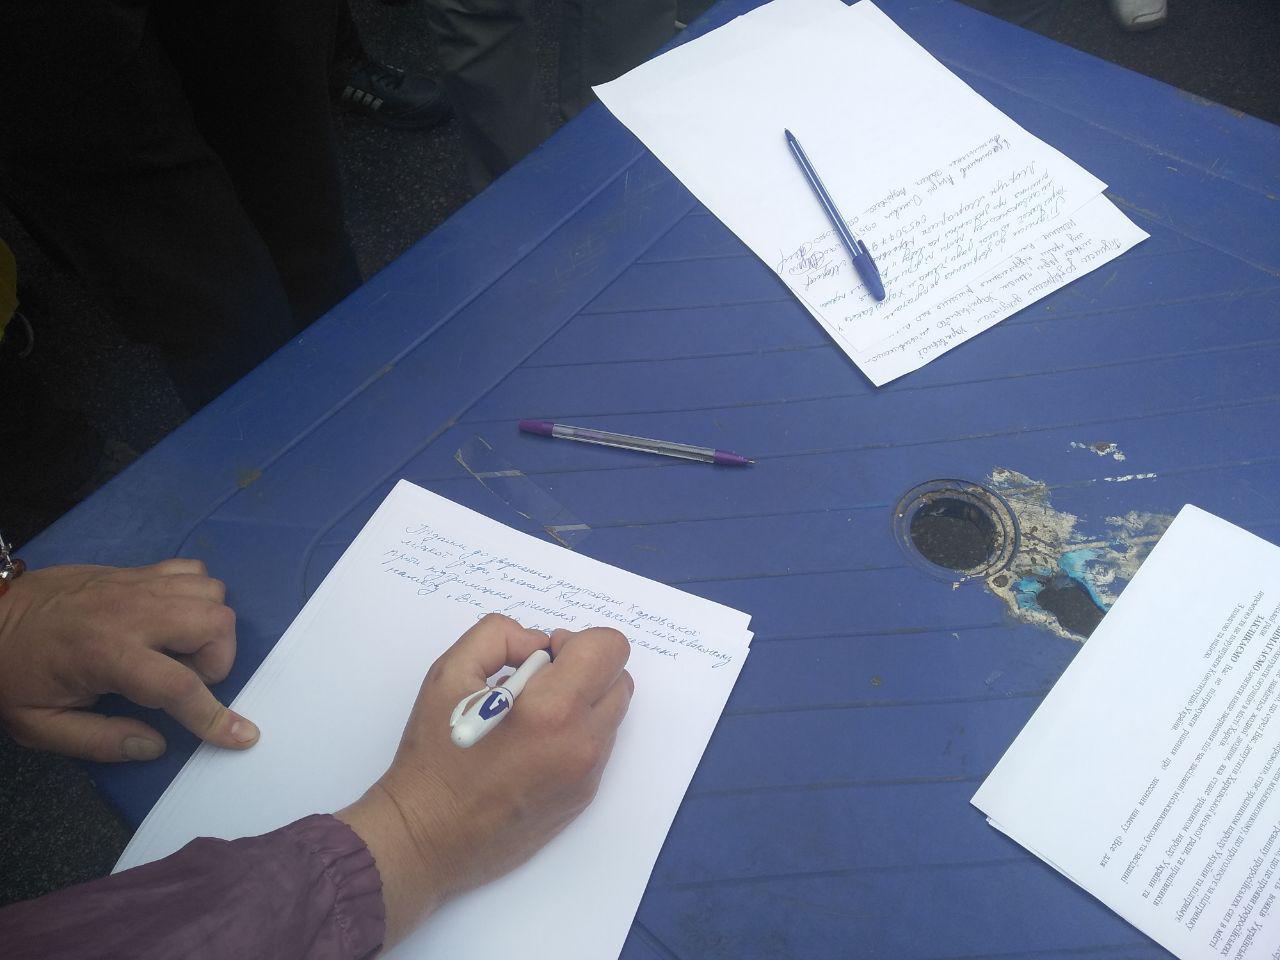 В центре —  митинг: мэрия Харькова постановила снести палатку на площади Свободы (обновляется) фото 4